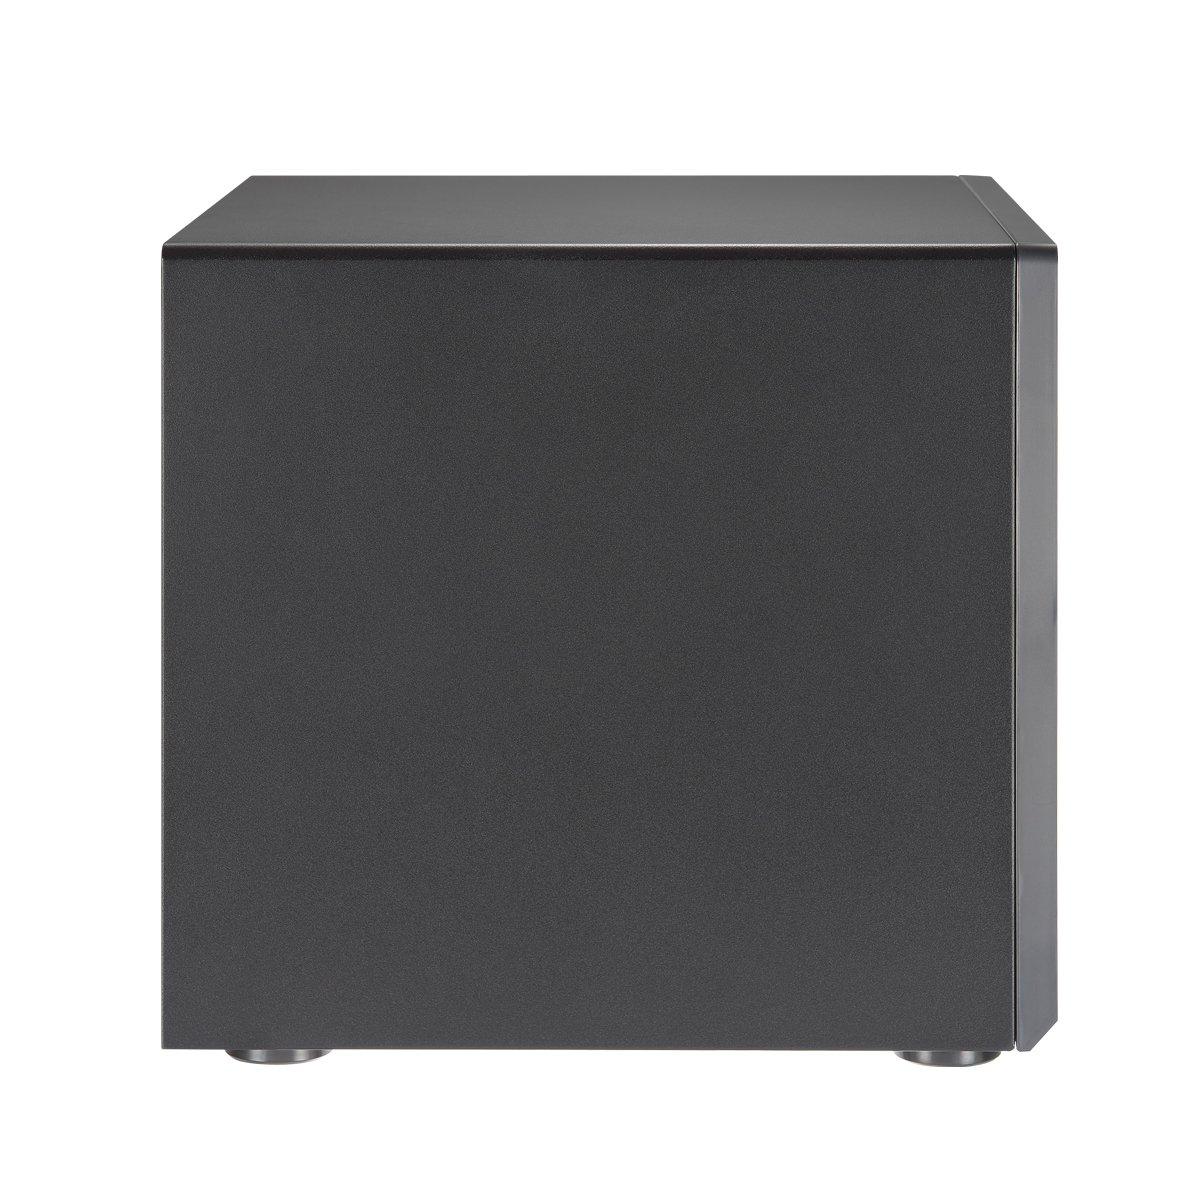 Qnap TS-1685-D1521-16G-US 16 Bay High-Capacity 10GbE iSCSI NAS by QNAP (Image #3)